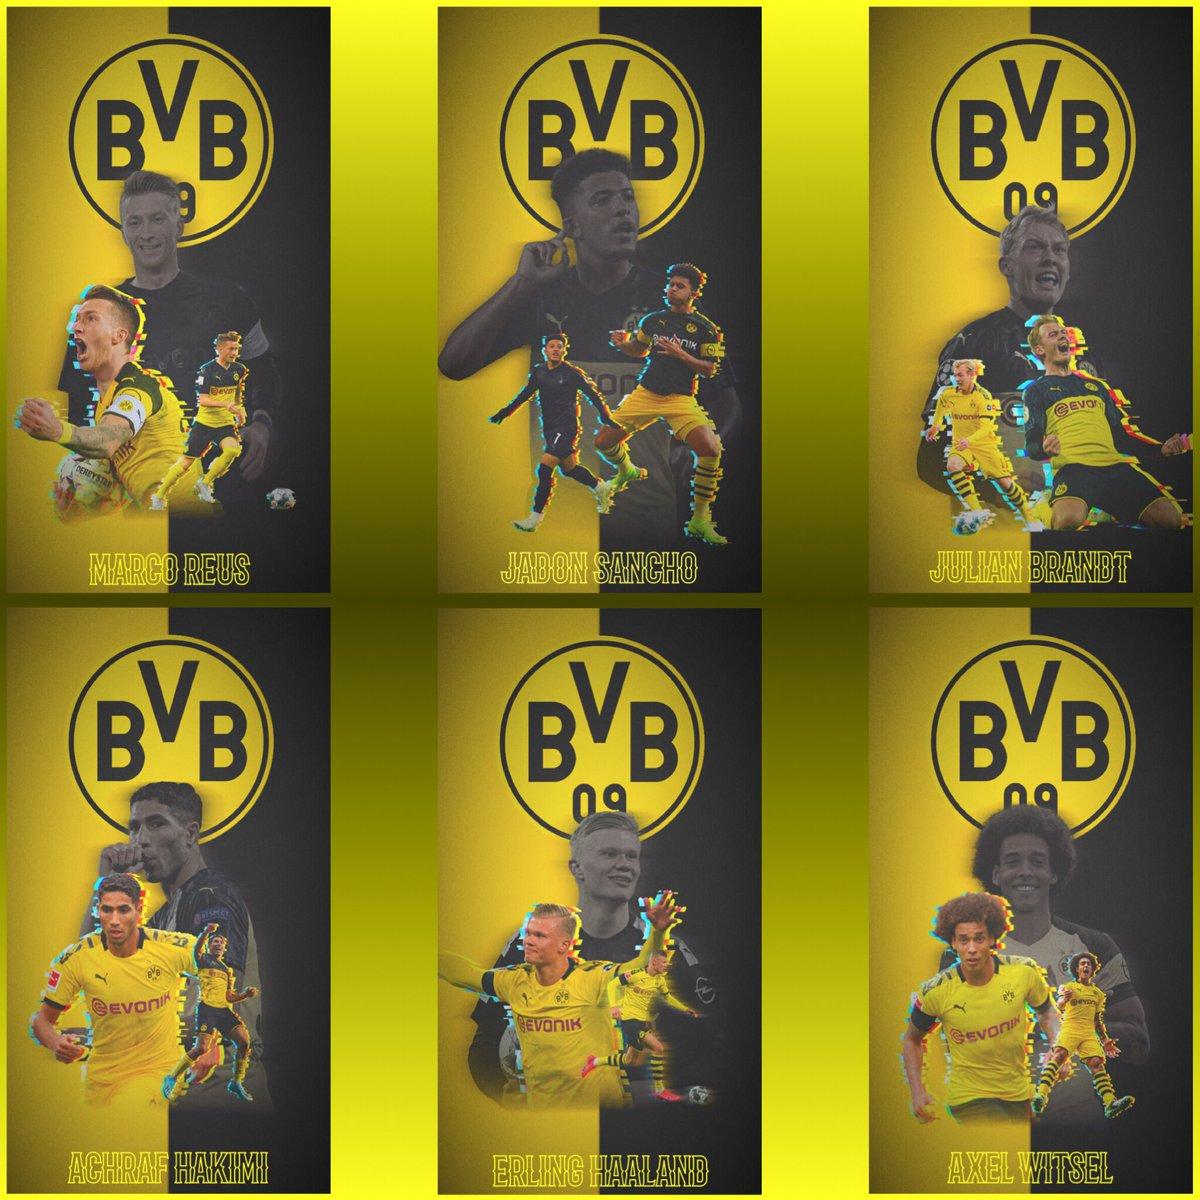 K H Auf Twitter ドルトムント壁紙 いいね Rtよろしくお願いします 欲しい方dmにお願いします サッカー壁紙 ボルシアドルトムント Dortmund Bvb